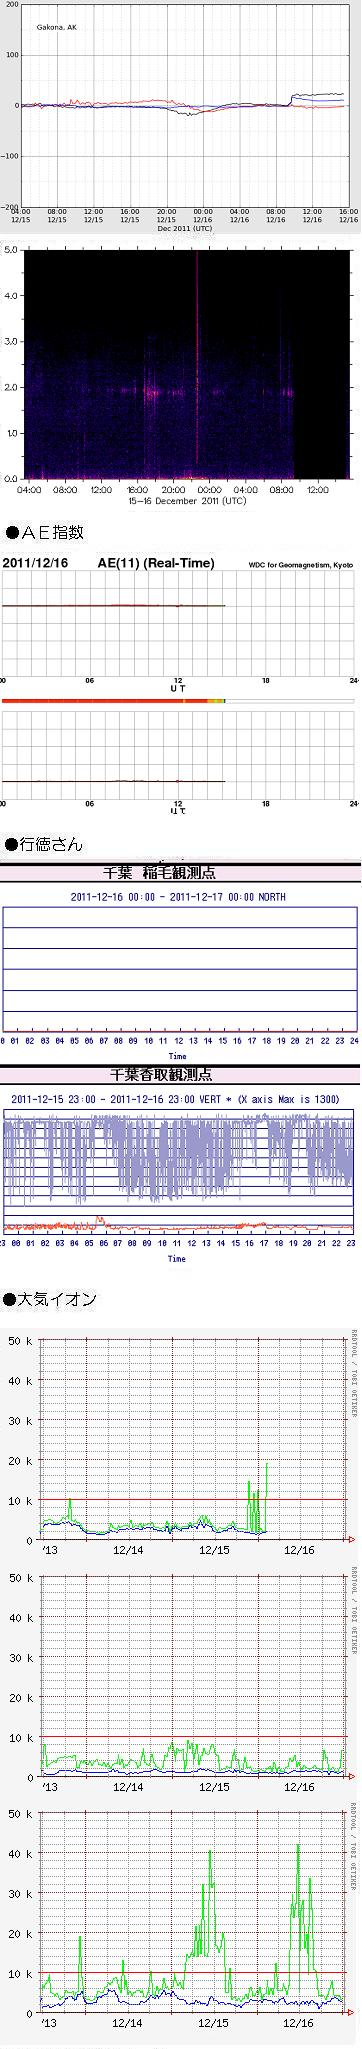 1217-1 データ